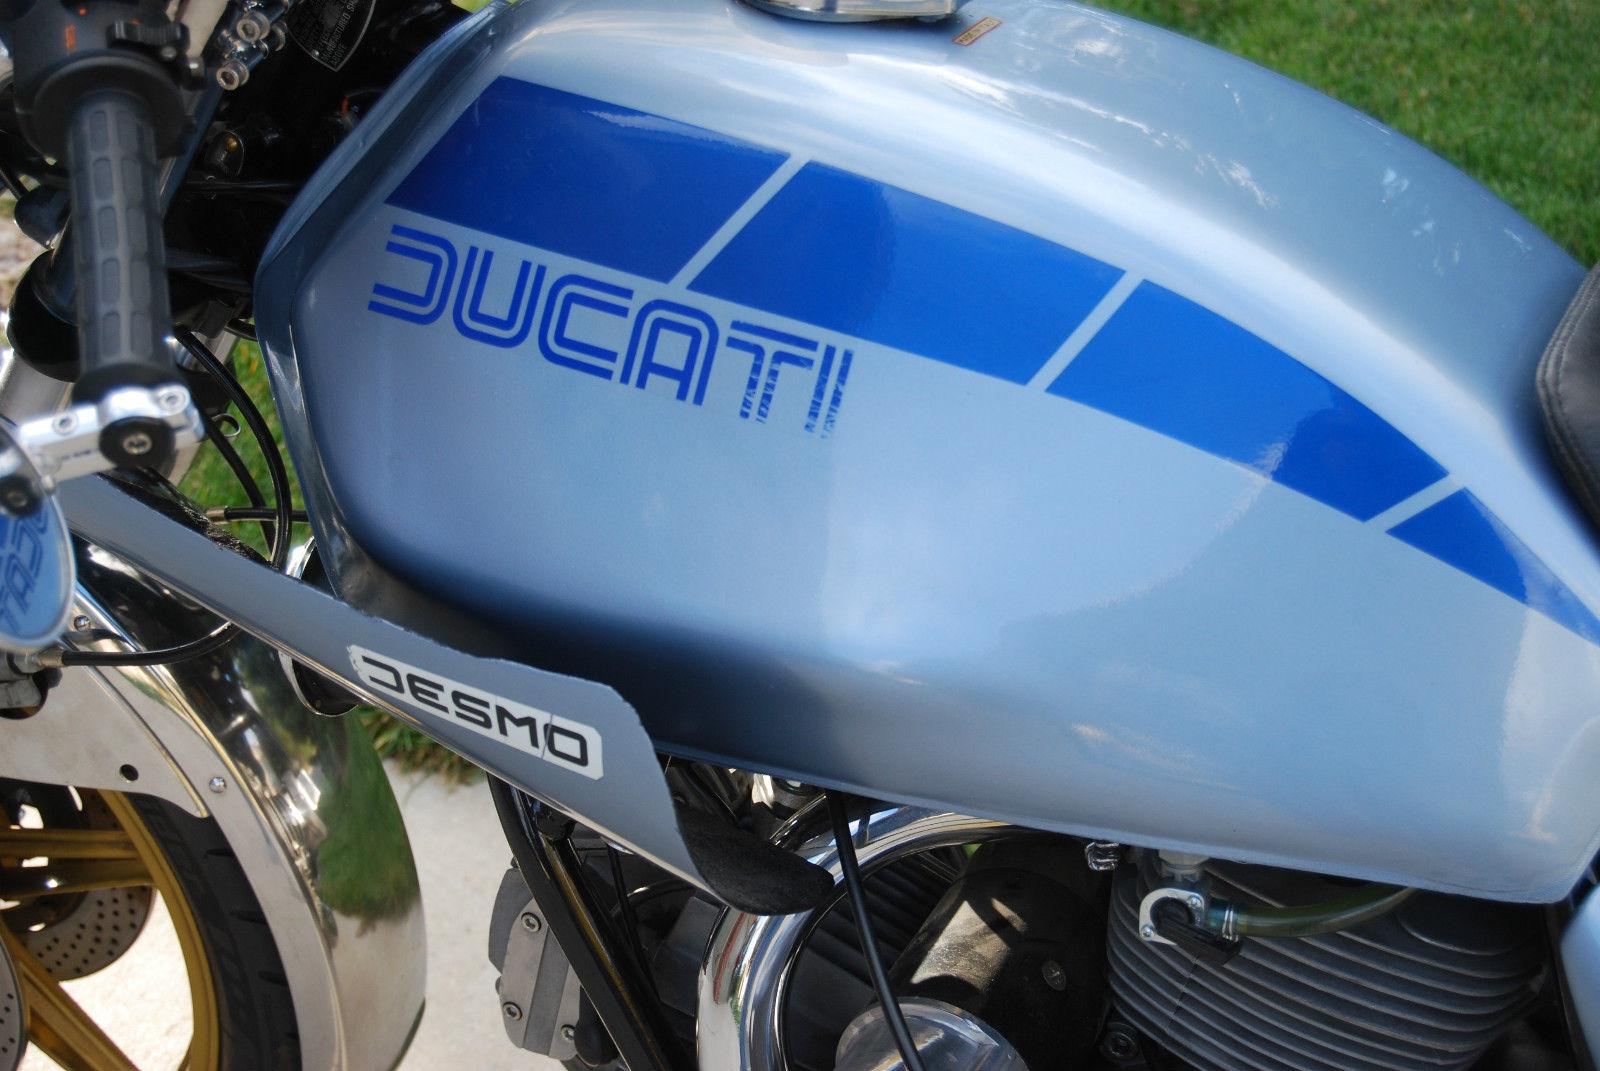 Ducati Darmah - 1980 - Ducati Decal, Gas Tank and Desmo Decal.